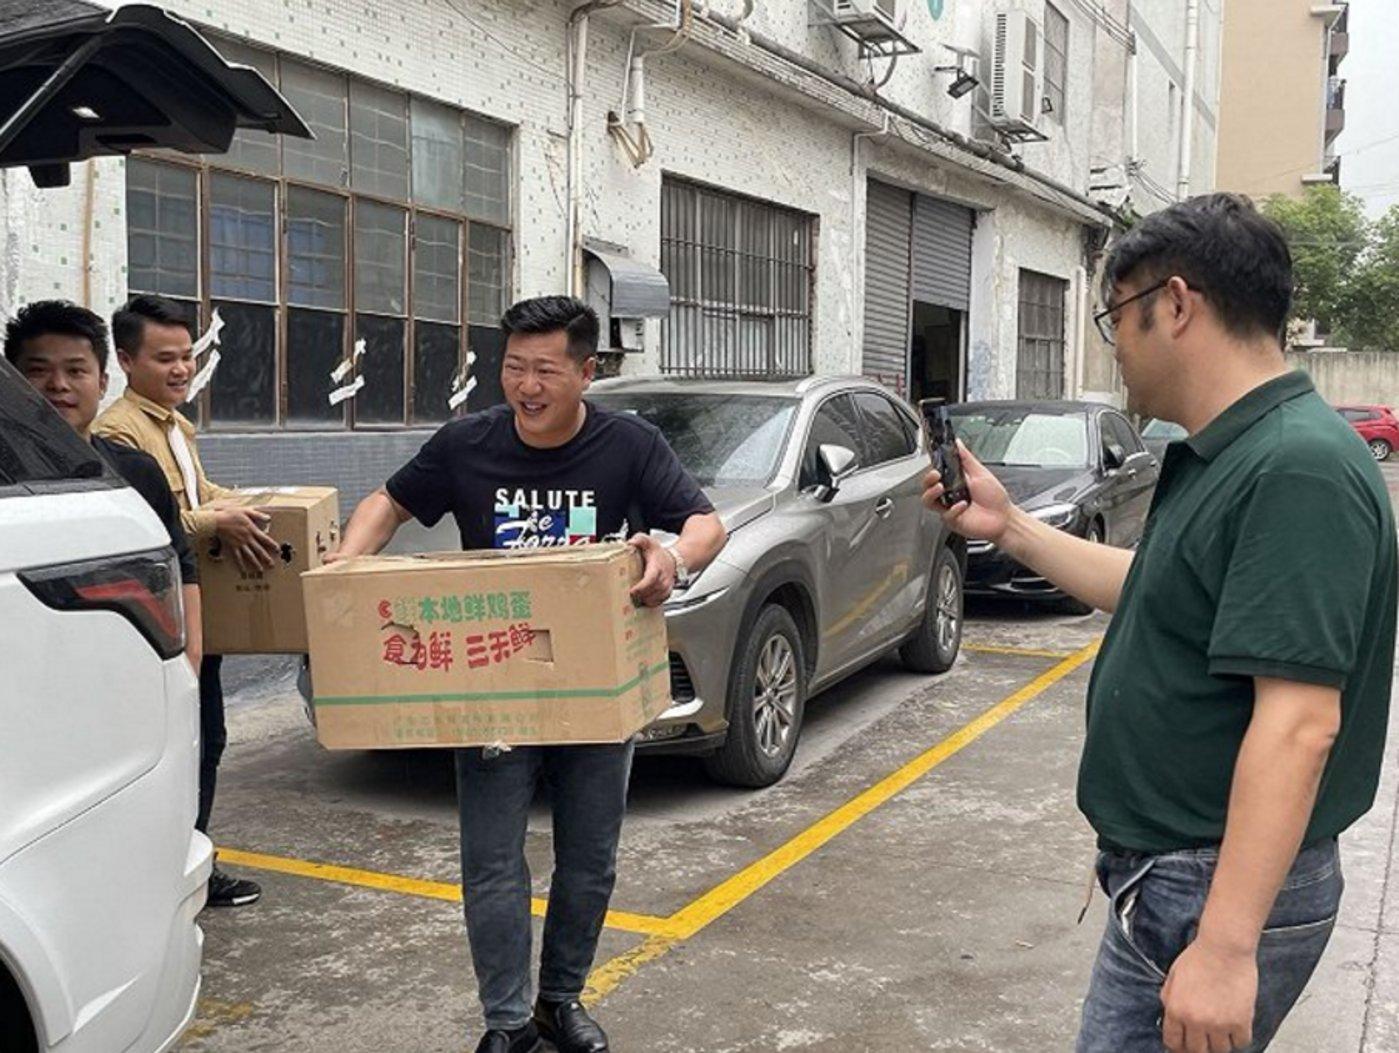 粉丝来访,张宏伟抱着他们送的土鸡。拍摄:徐诗琪